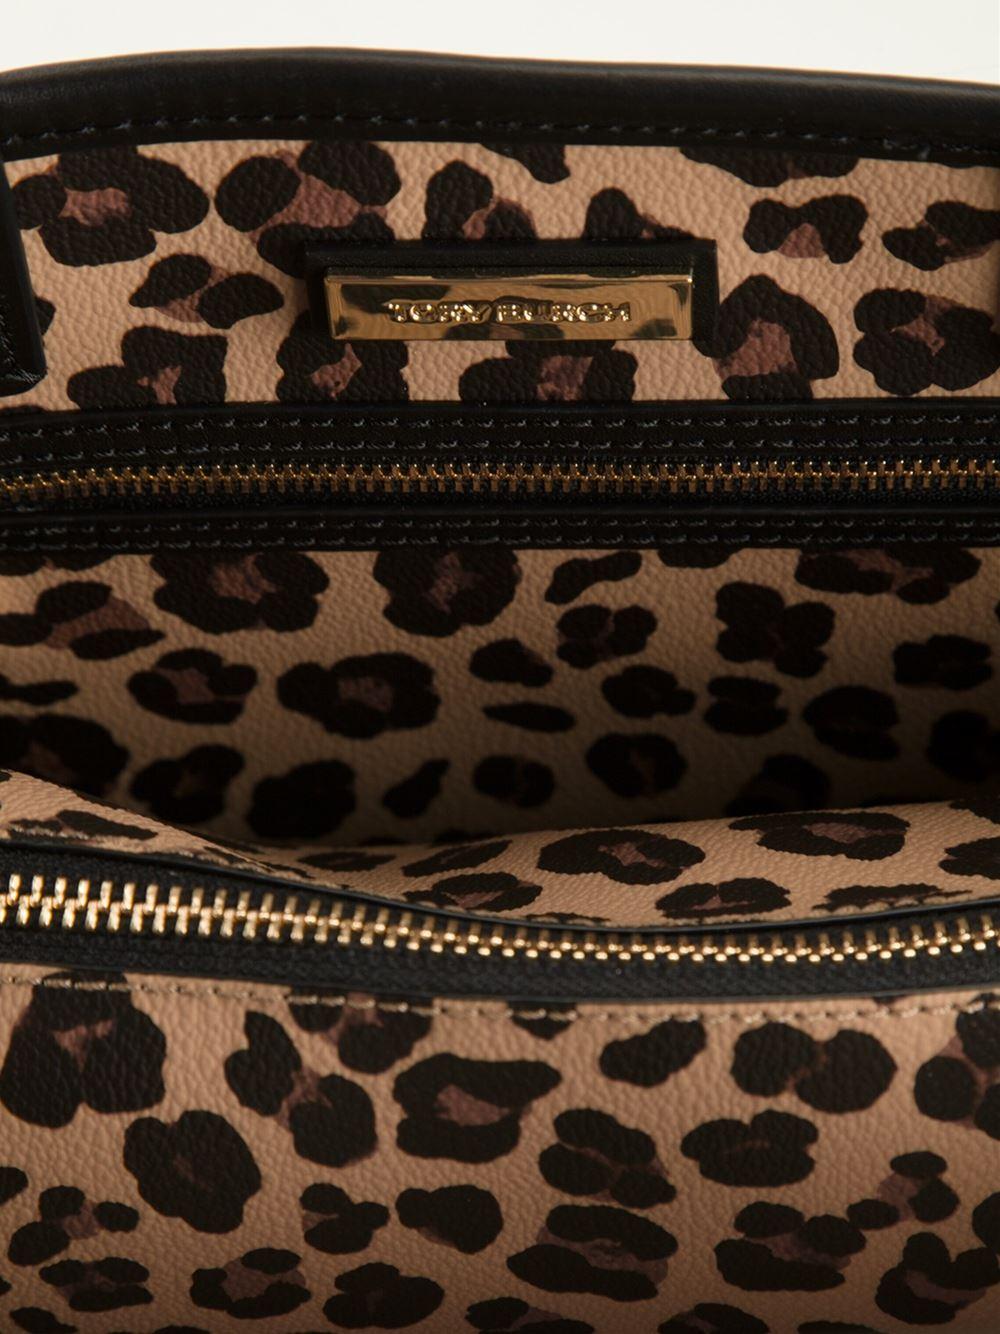 bce8df72ae4a Tory Burch Kerrington Leopard Tote in Black - Lyst